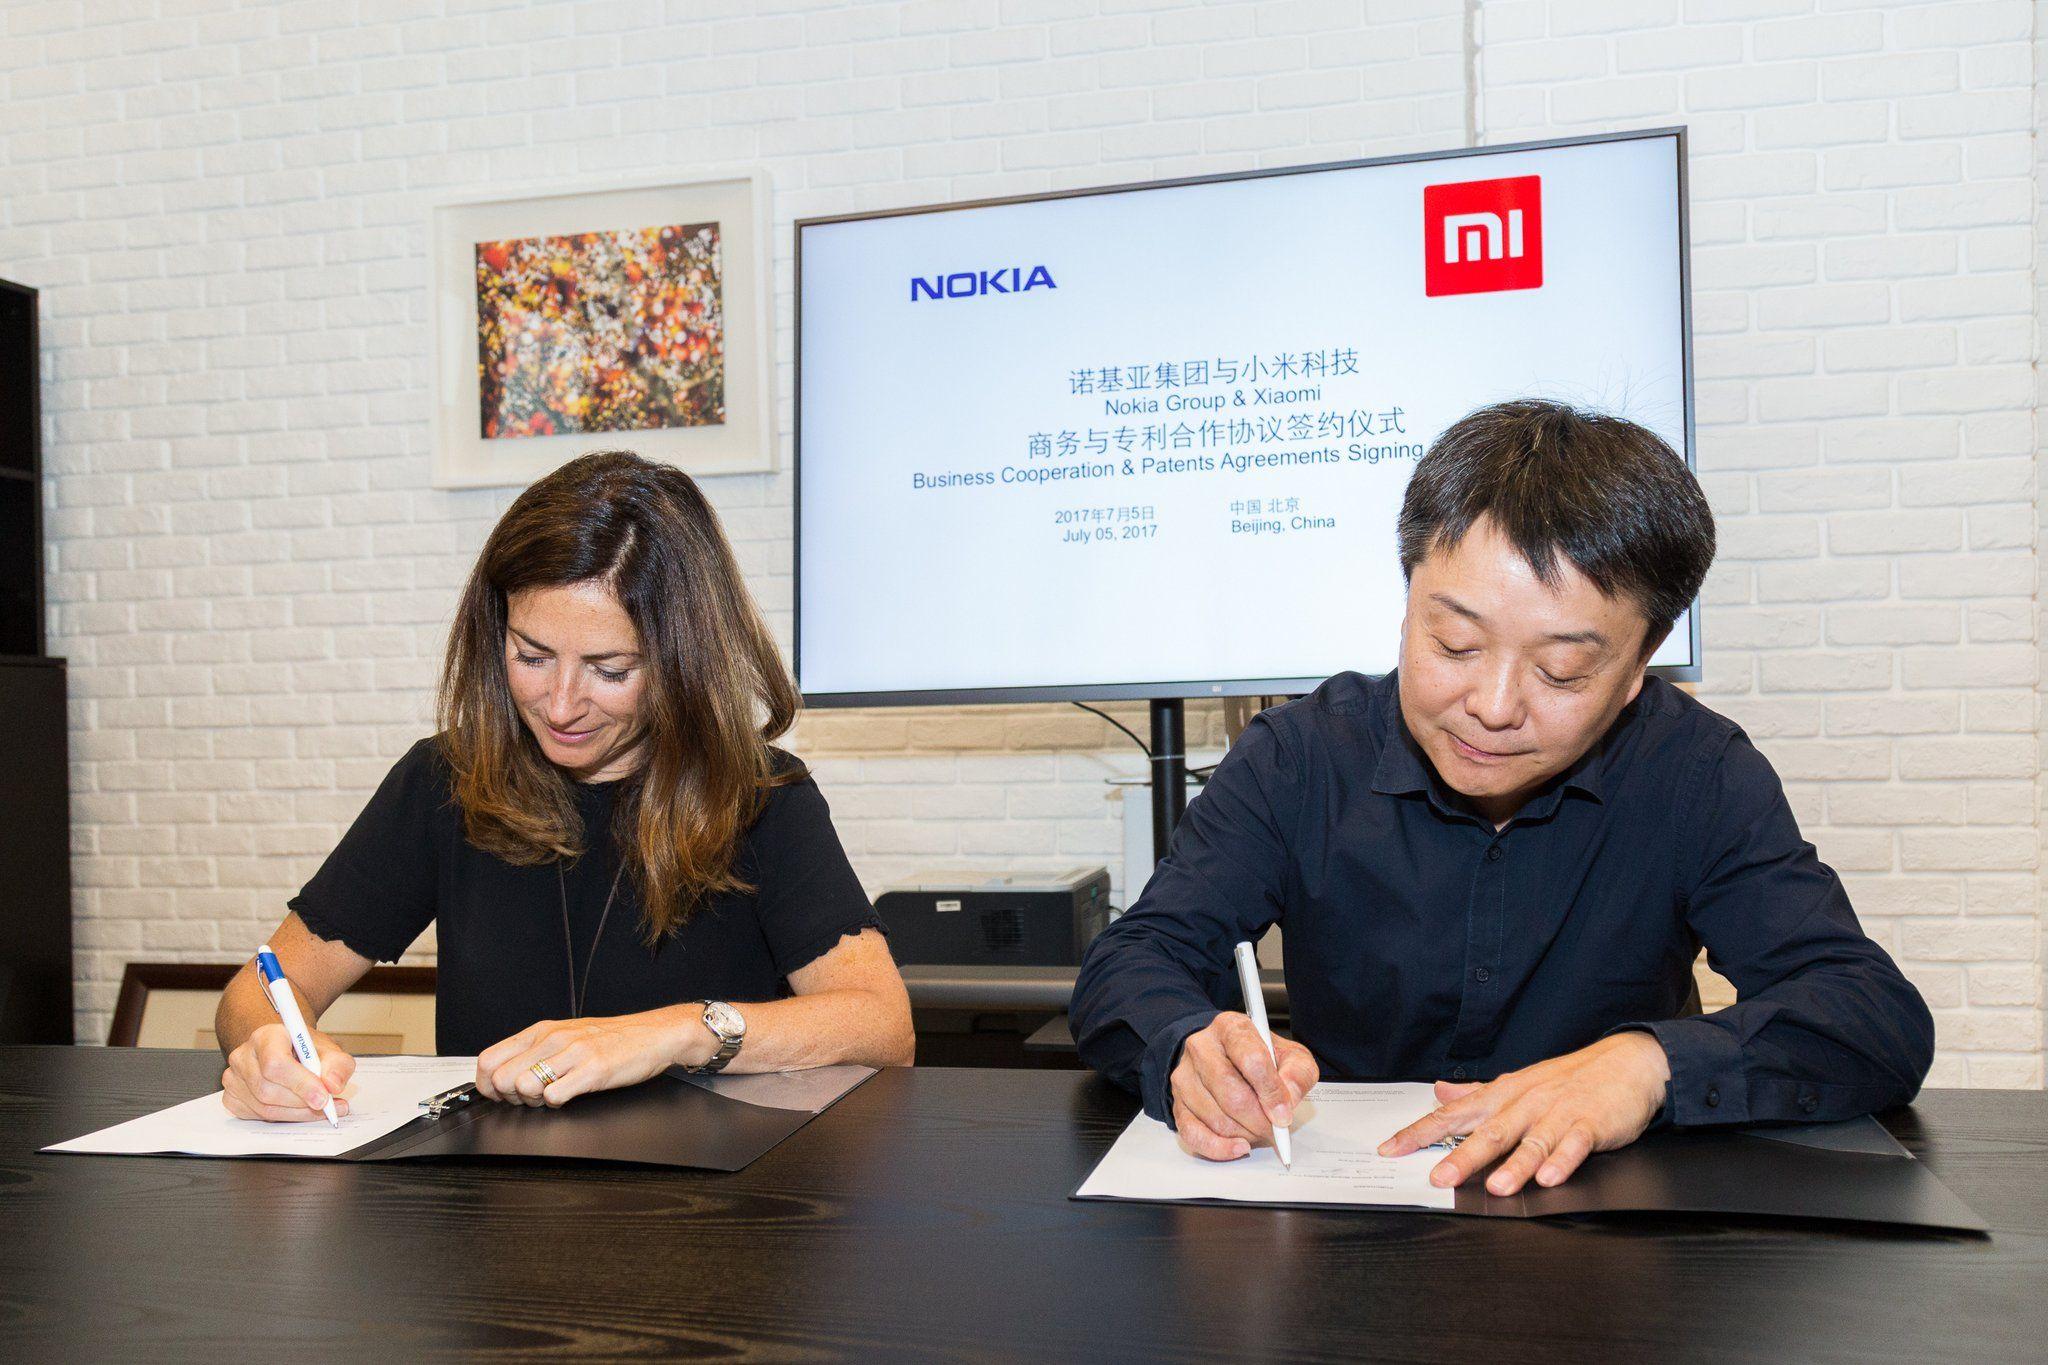 Nokia y Xiaomi se alían para explorar futuras colaboraciones en la realidad aumentada y realidad virtual